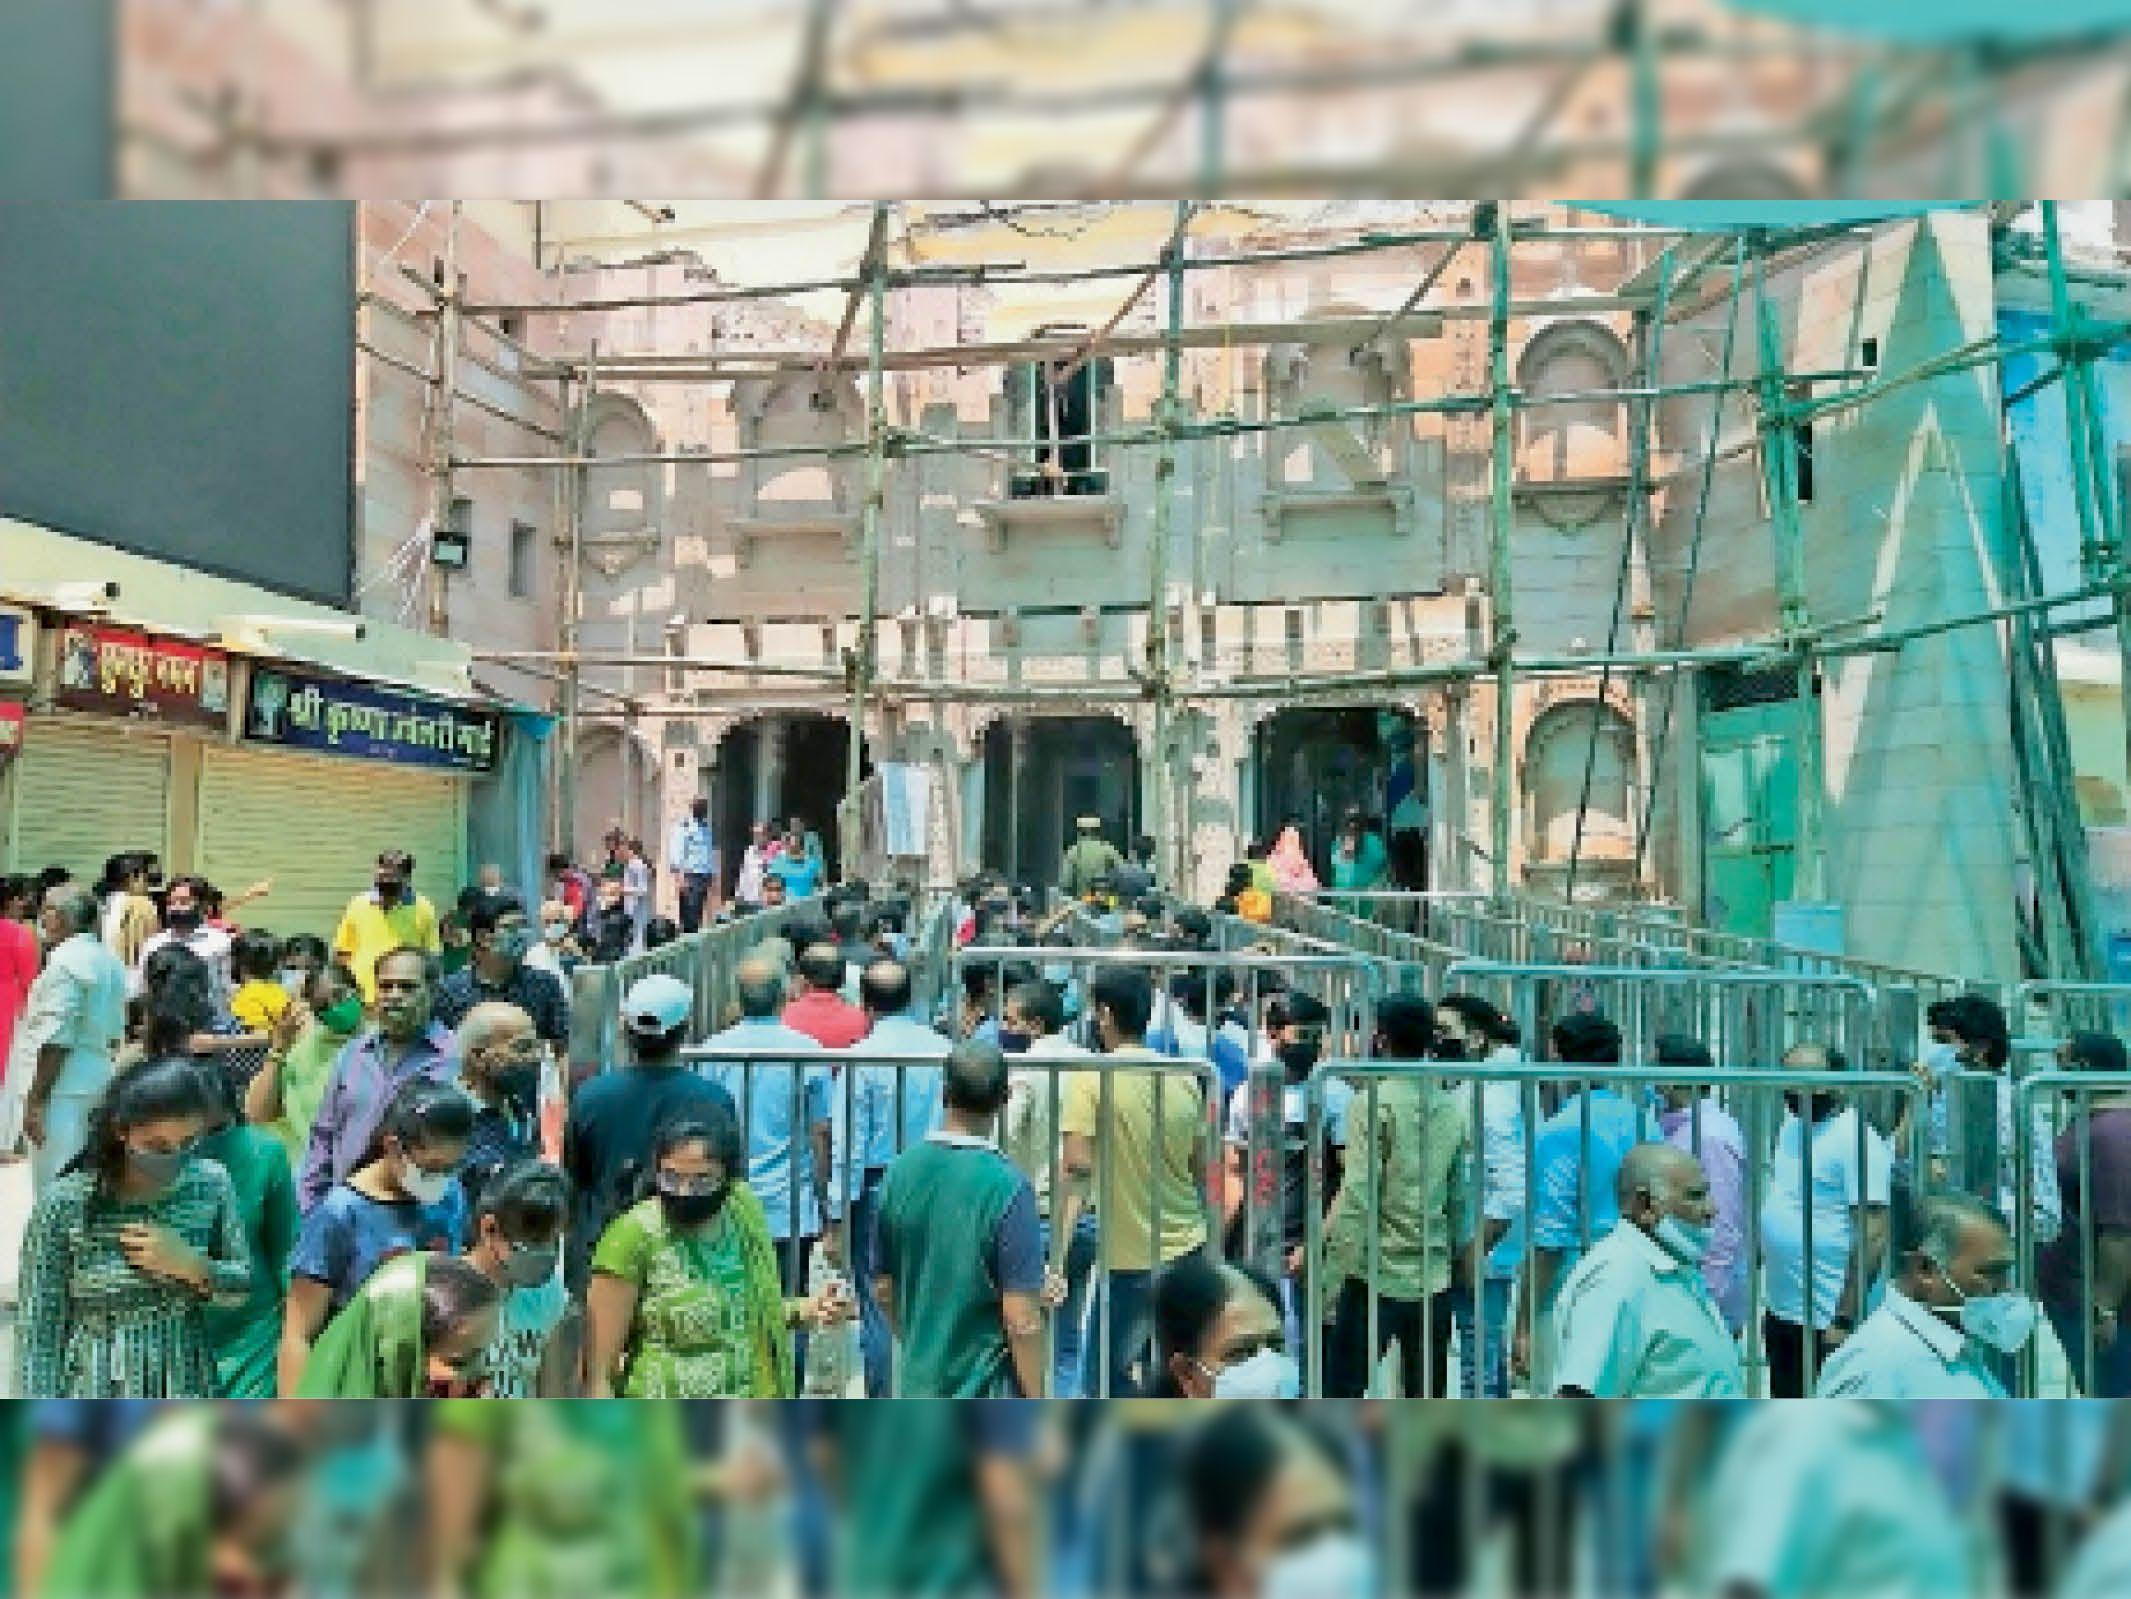 65 दिन बाद फिर से खुला मंदिर, पहले दिन राजभोग और उत्थापन झांकी में पहुंचे 1600 श्रद्धालु, 500 बाहर के नाथद्वारा,Nathdwara - Dainik Bhaskar